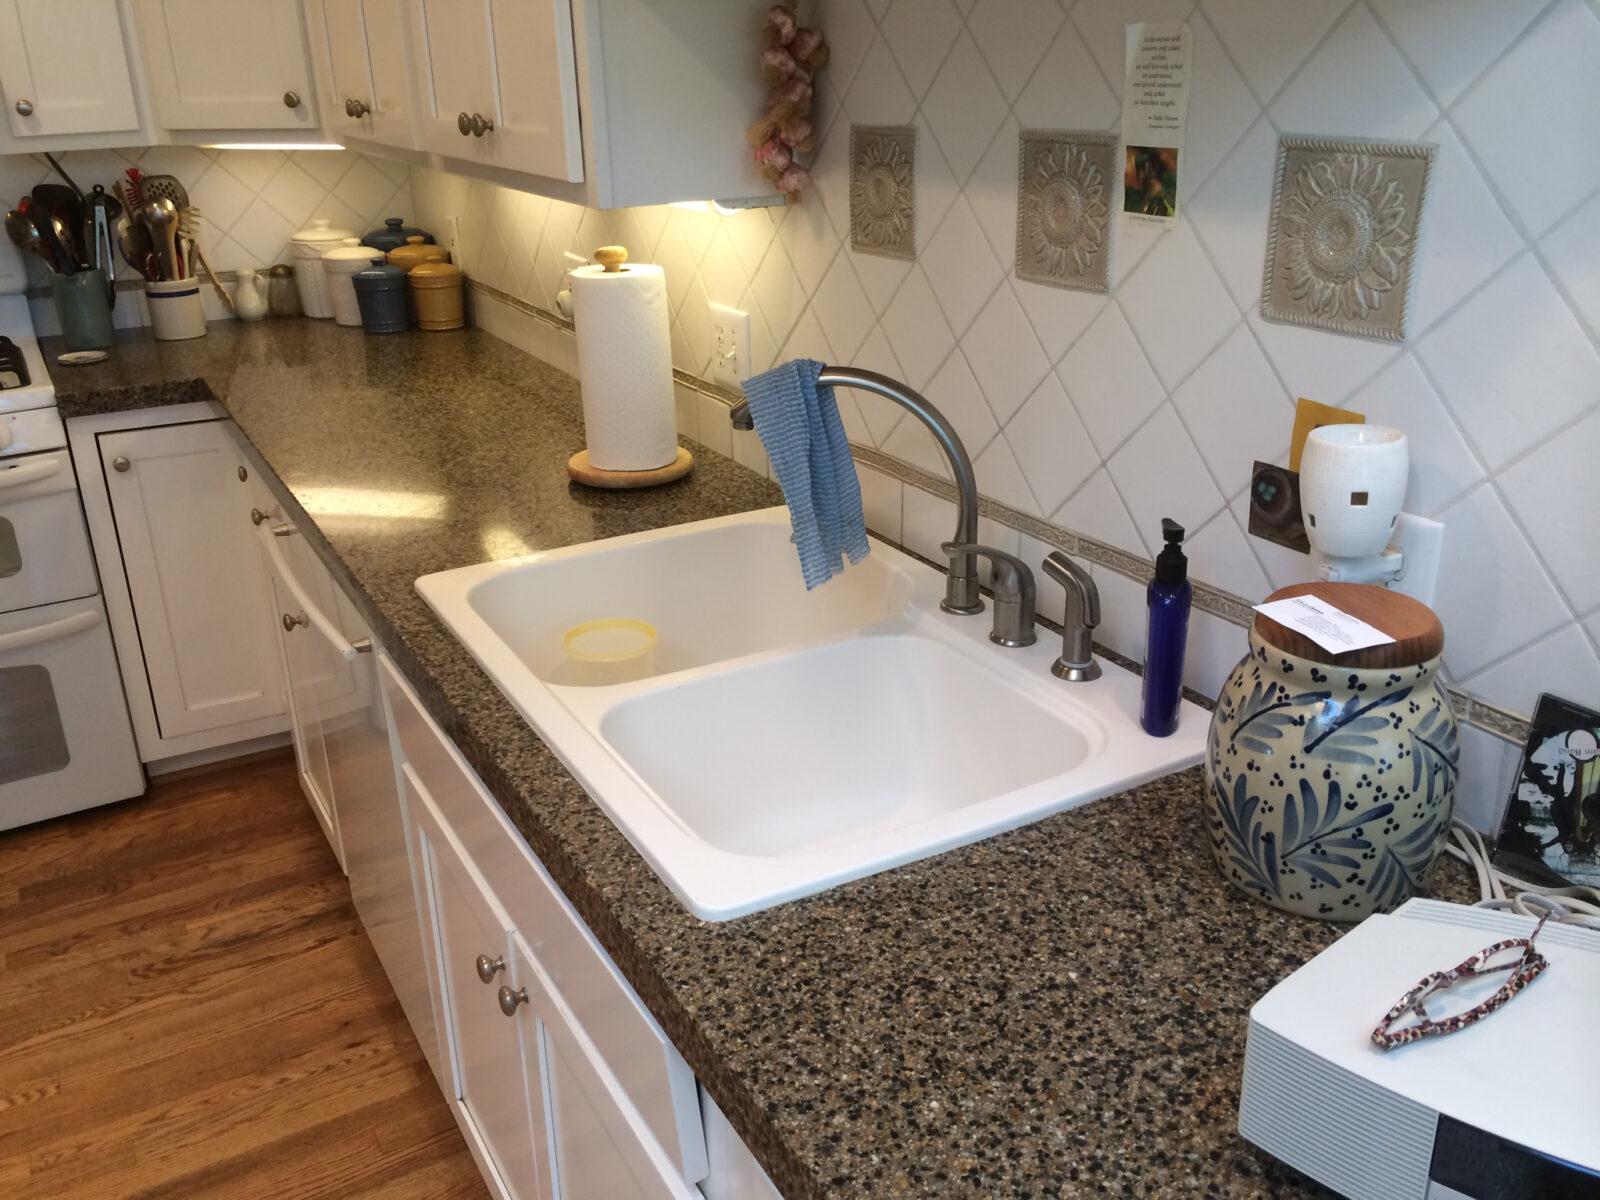 Overmount sink